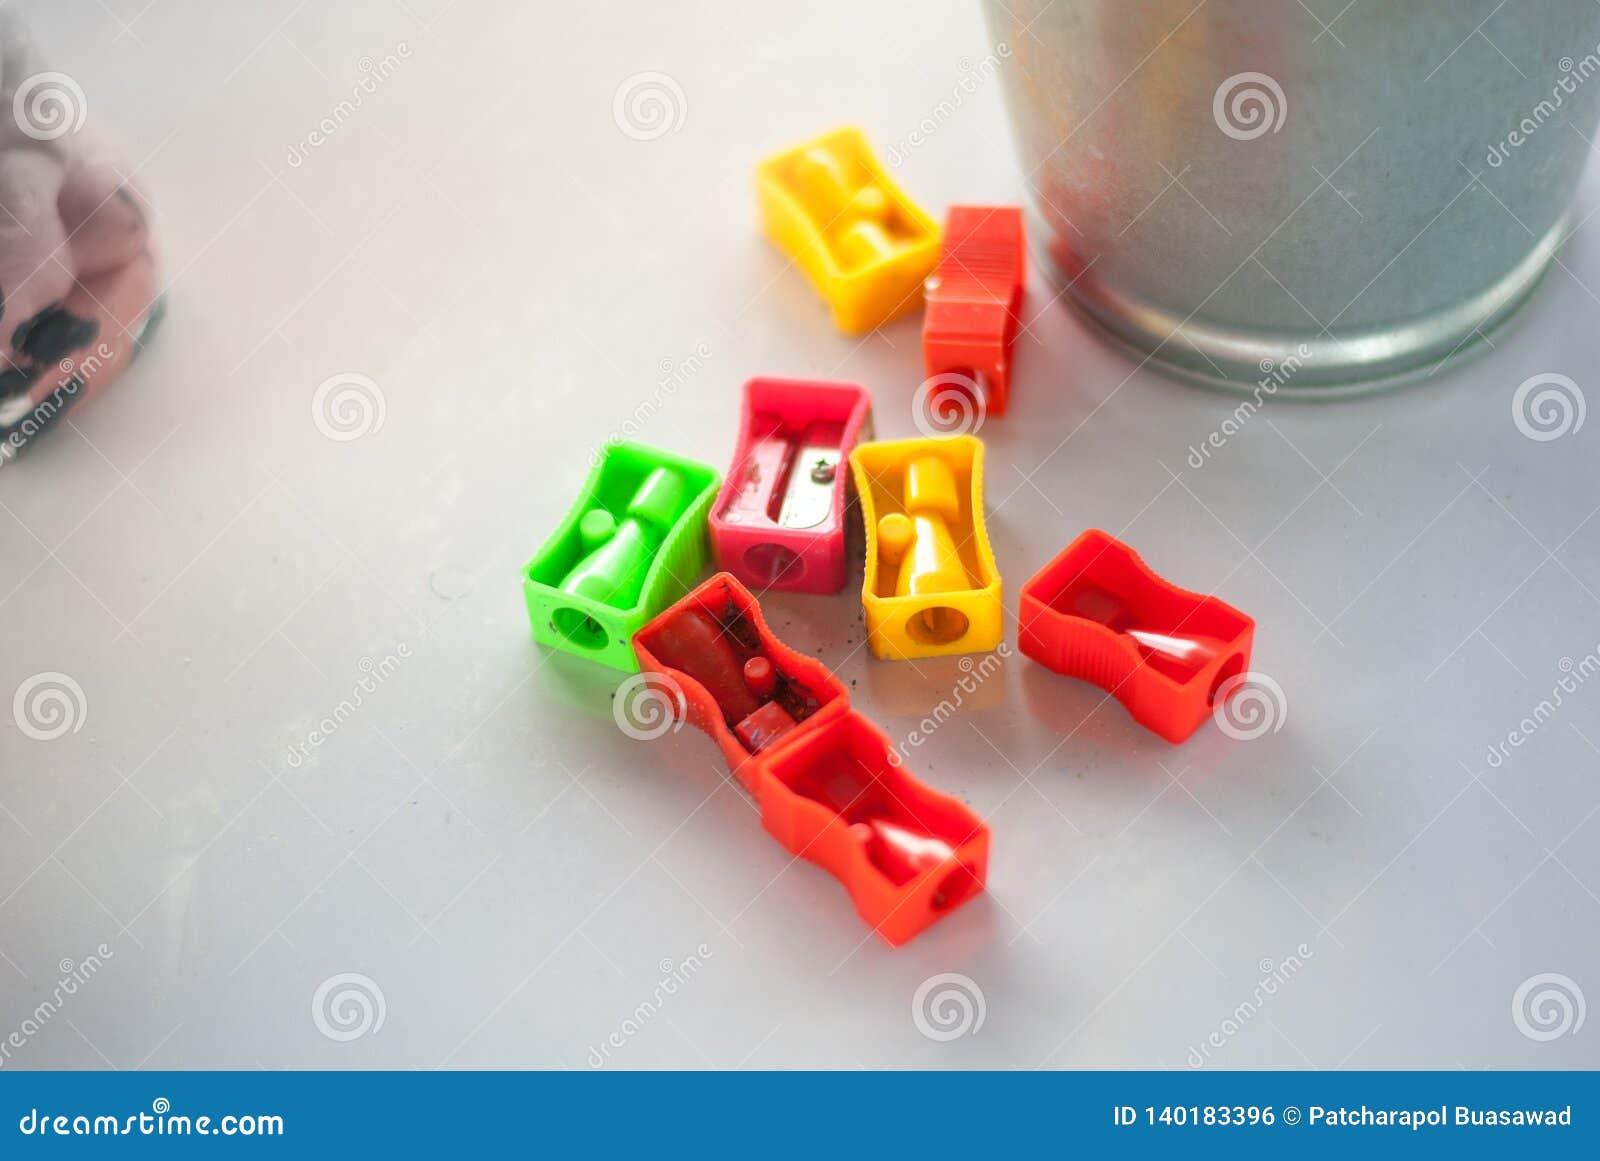 Kolorowe ołówkowe ostrzarki stawiają obok srebnego wiadra gotowego używać dla sztuka warsztata dla dzieciaka